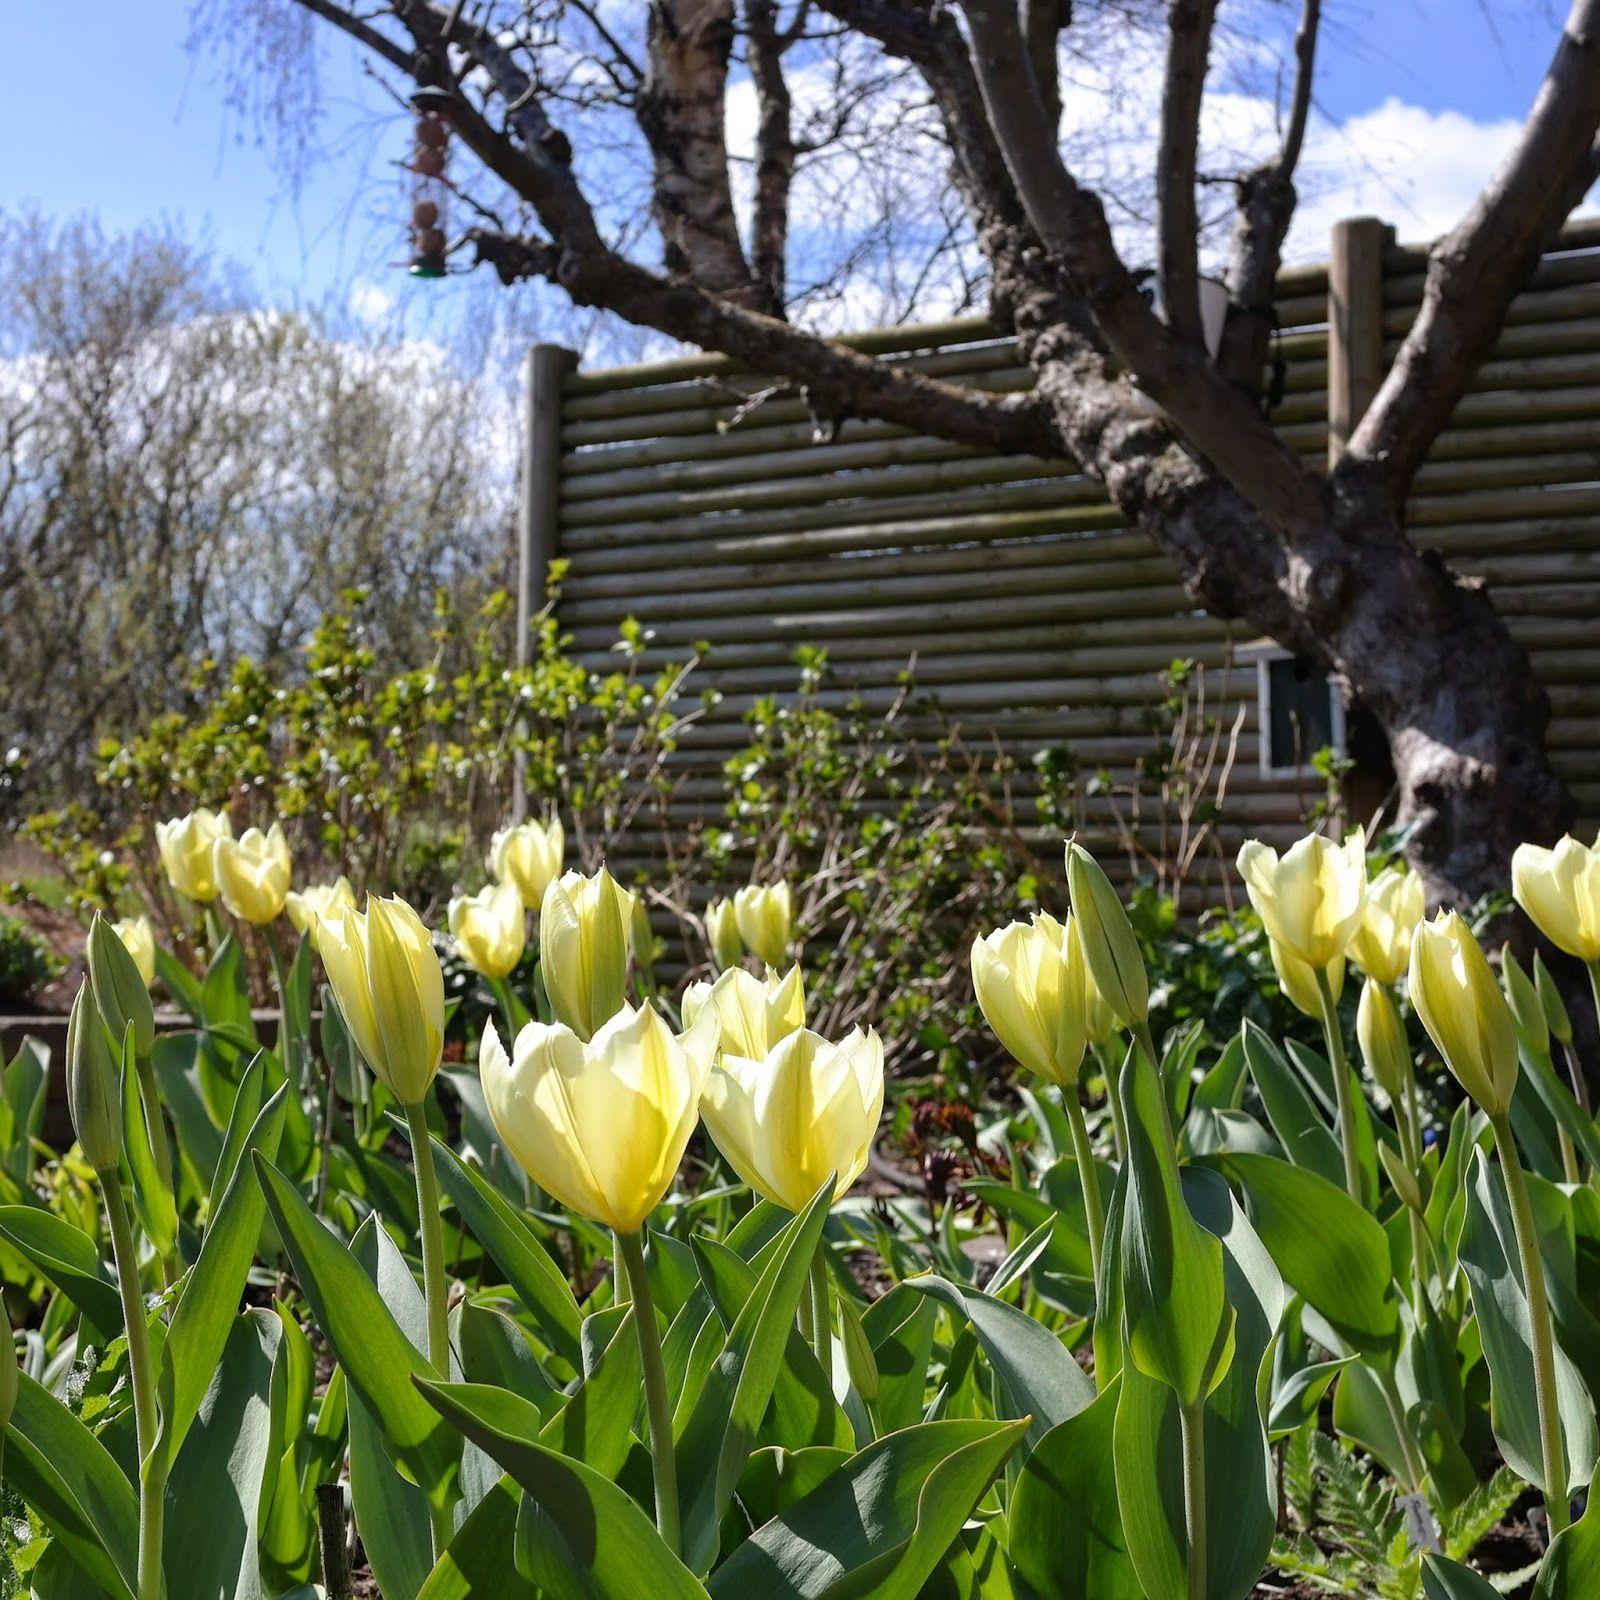 HAVEHJERNEN: Så er tulipanerne på vej